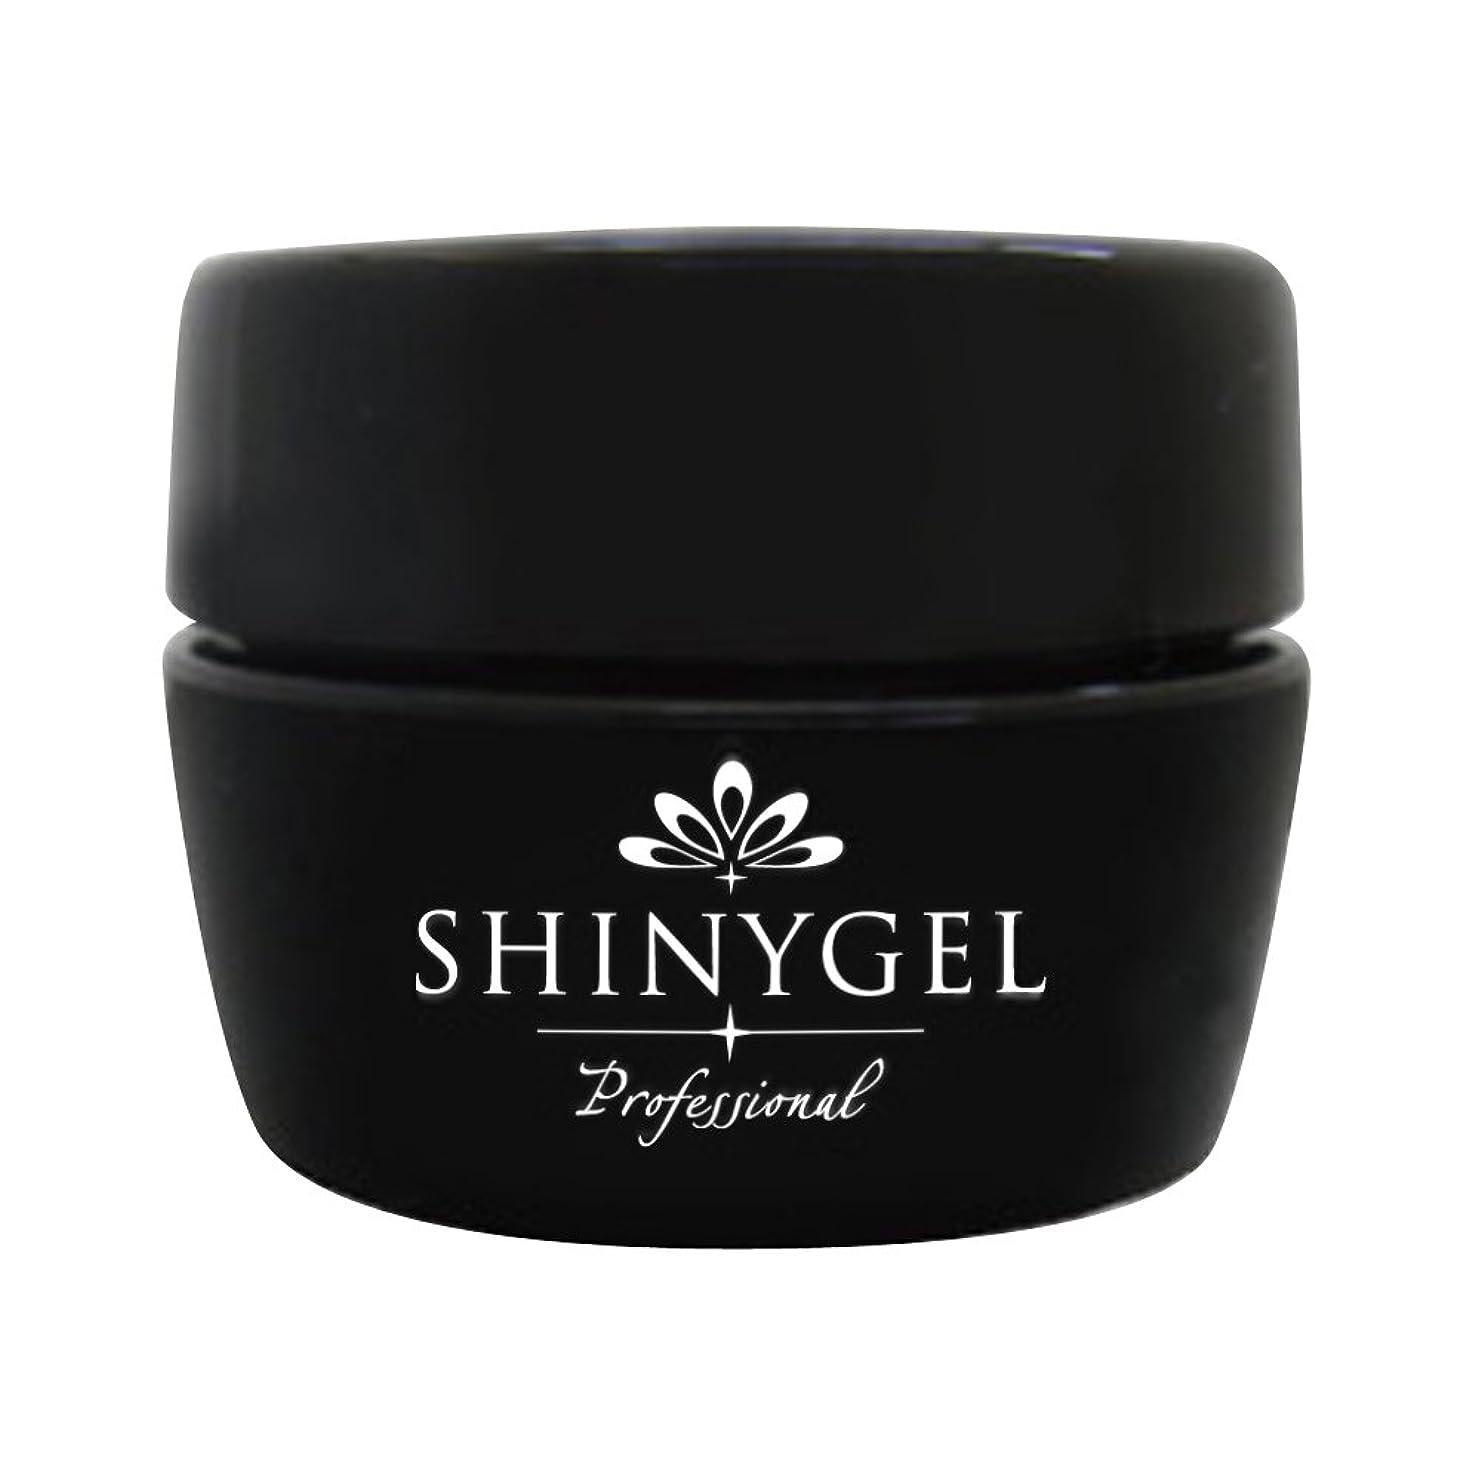 磁気のれん性別SHINY GEL(シャイニージェル) シャイニージェル カラー4g パウダーピンク261 UV/LED対応 ジェルネイル